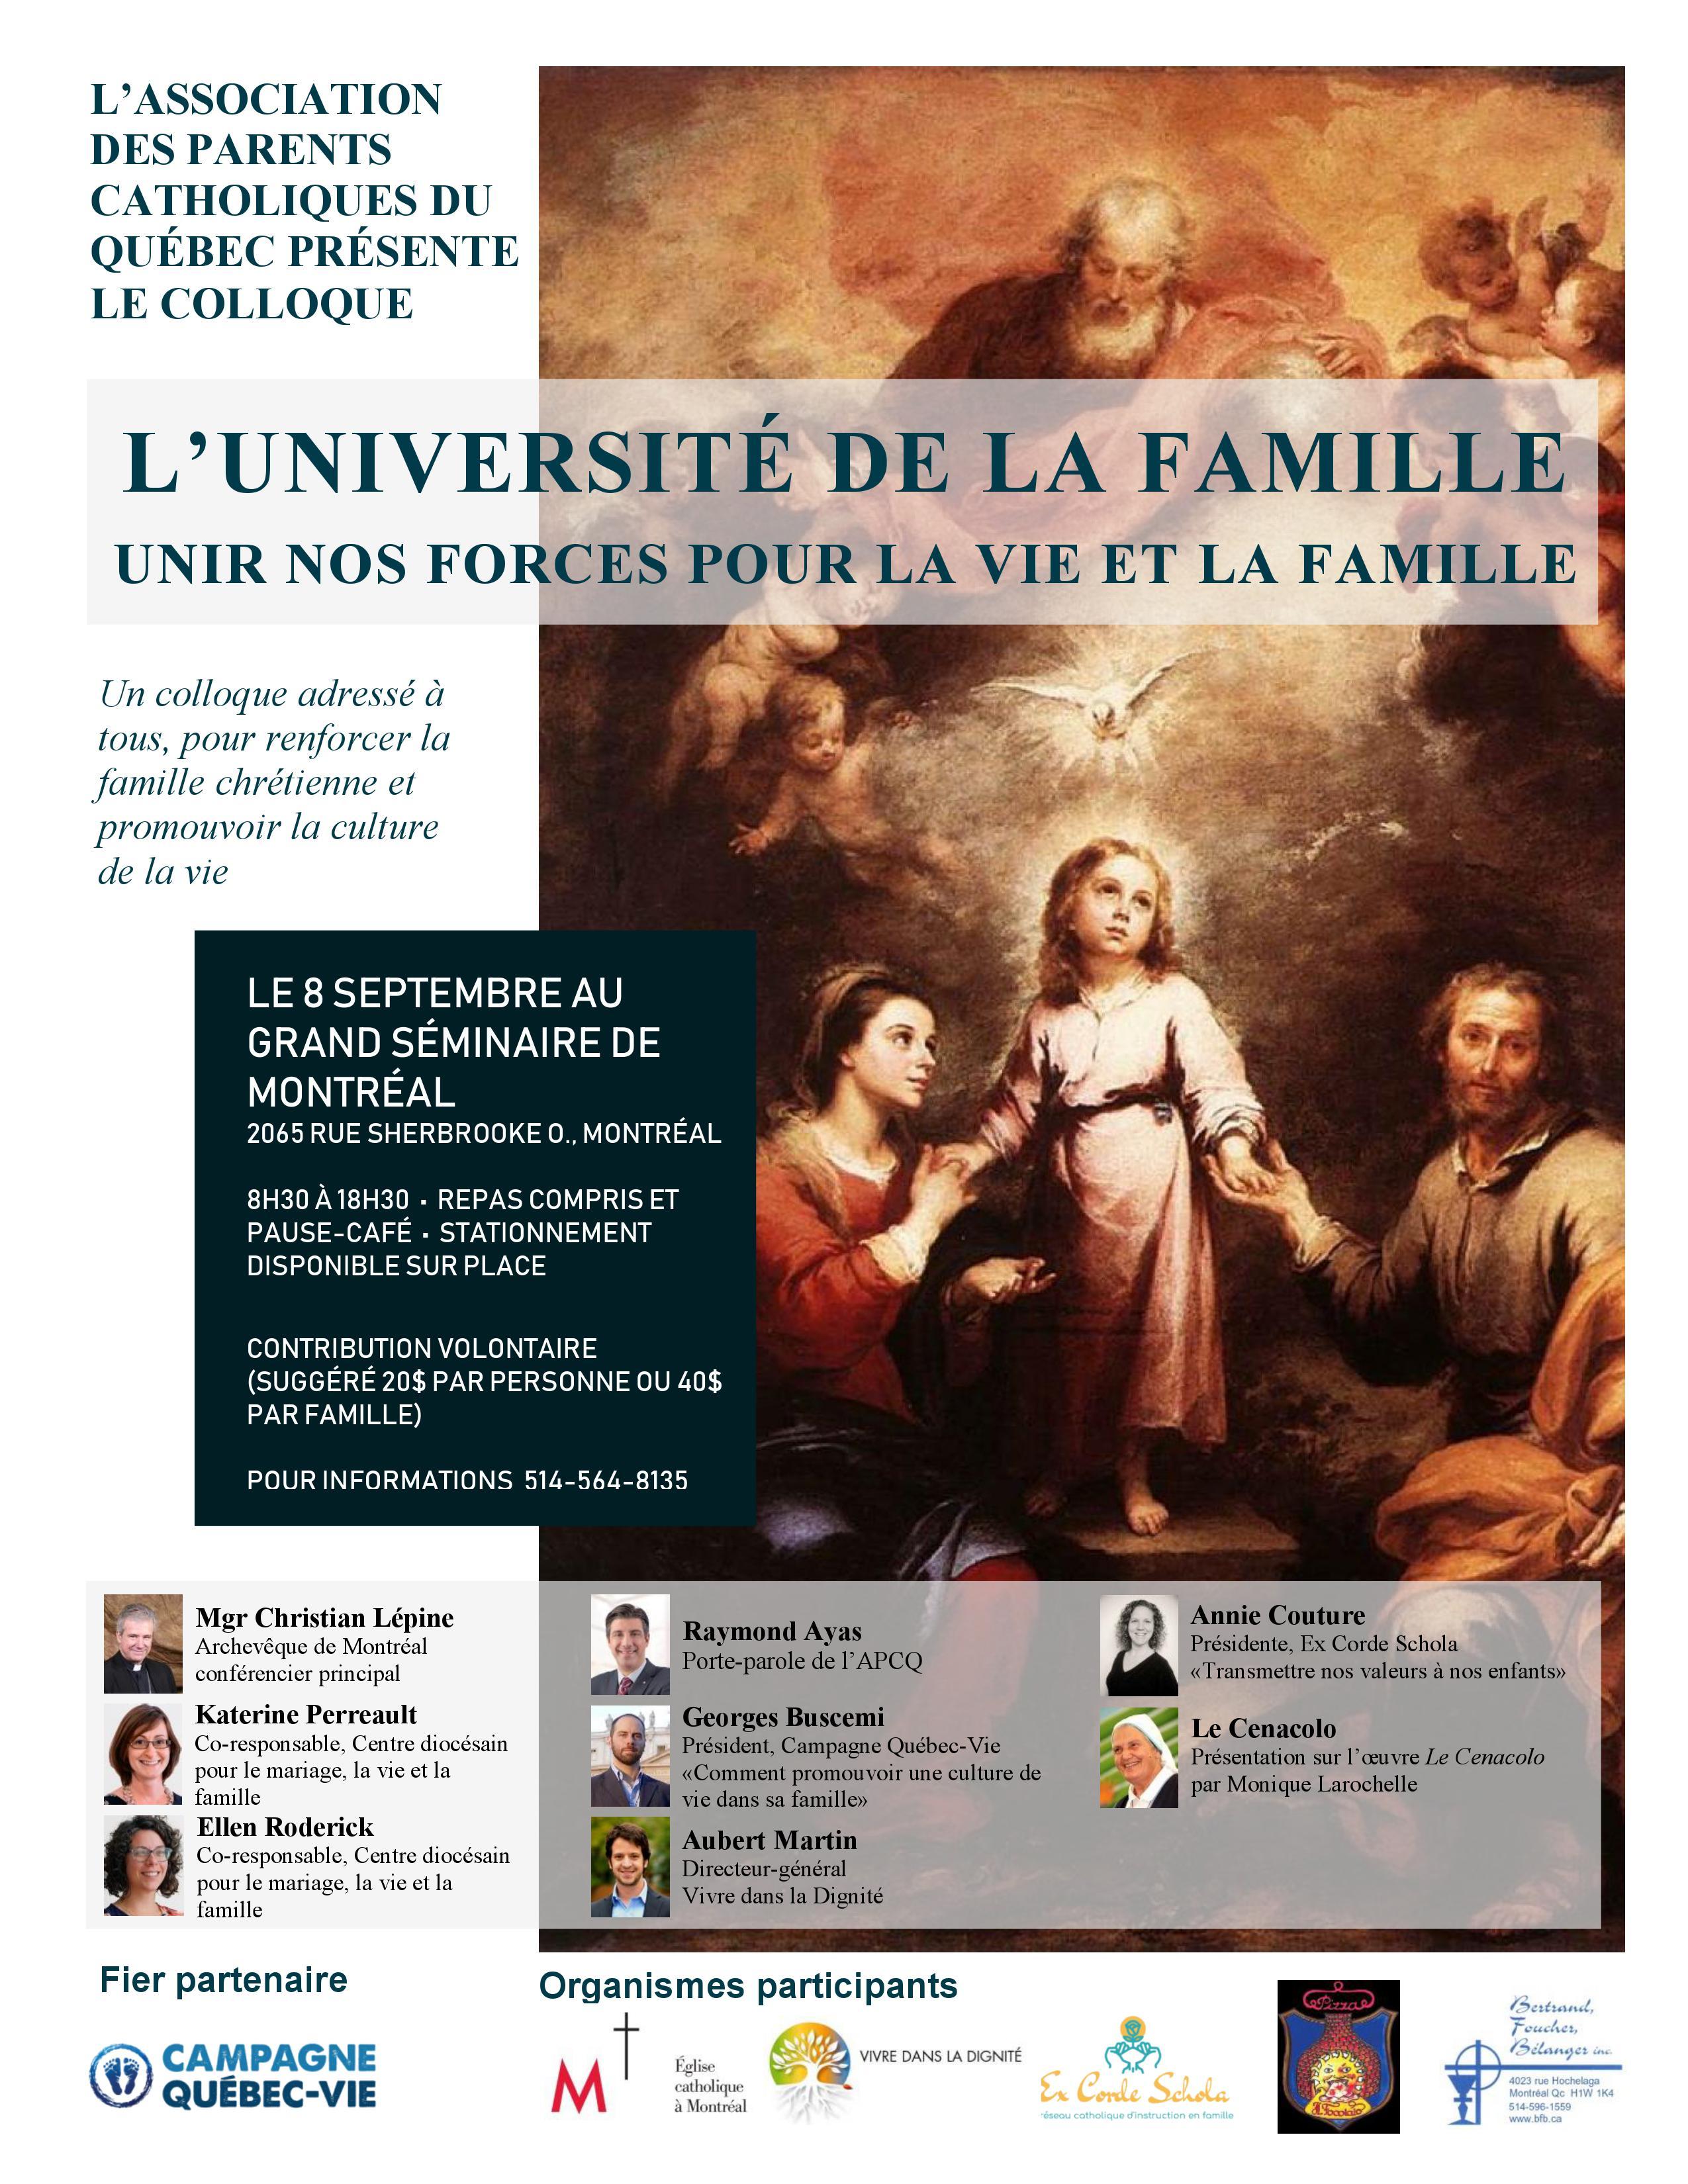 Université de la famille 2018 - Ex Corde Schola